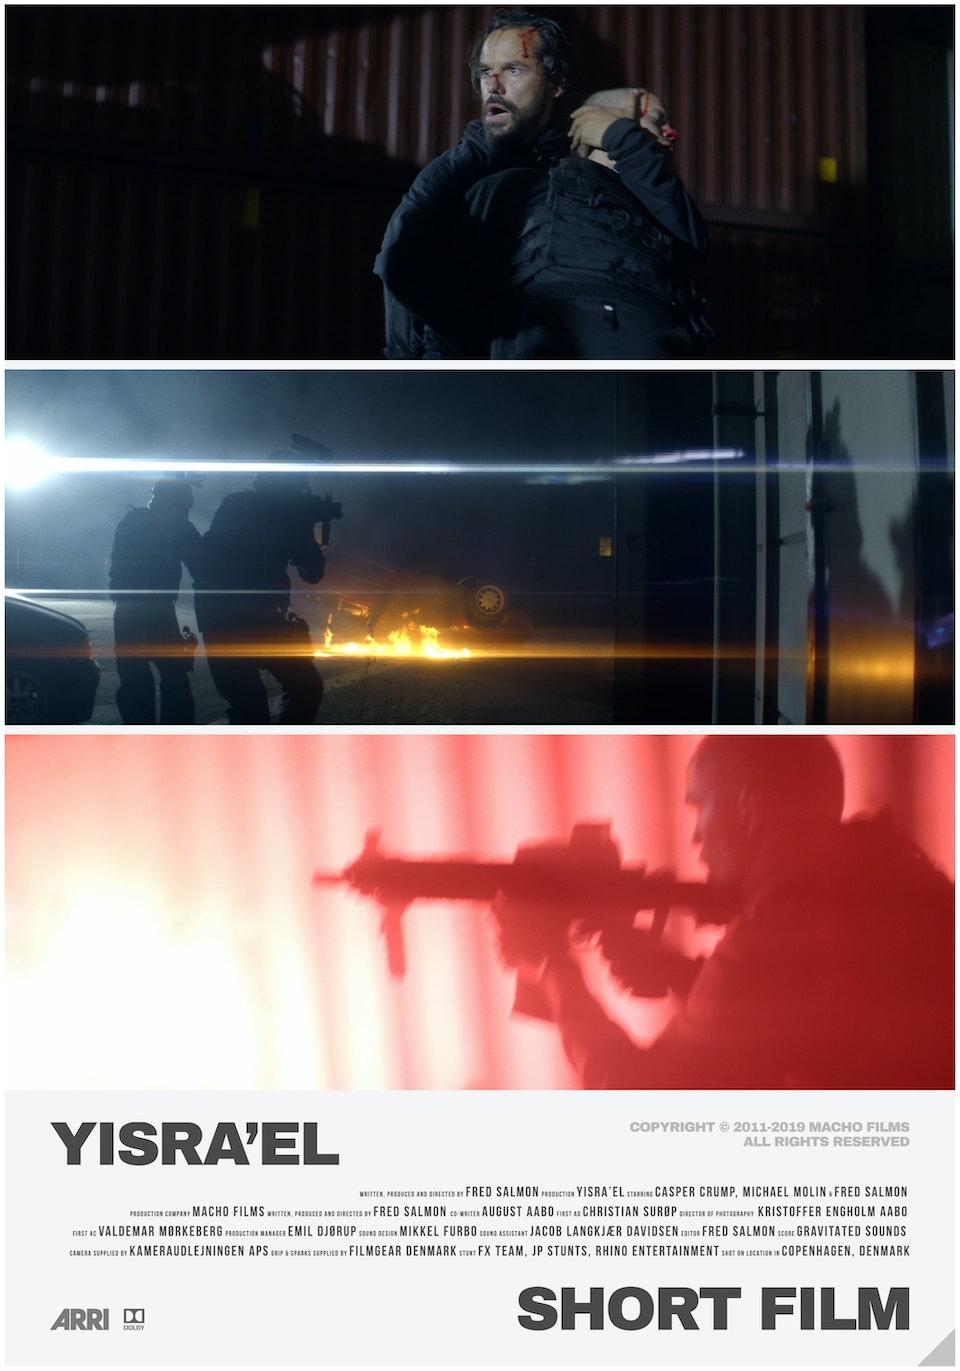 M A C H O - Yisra'el // Teaser Trailer